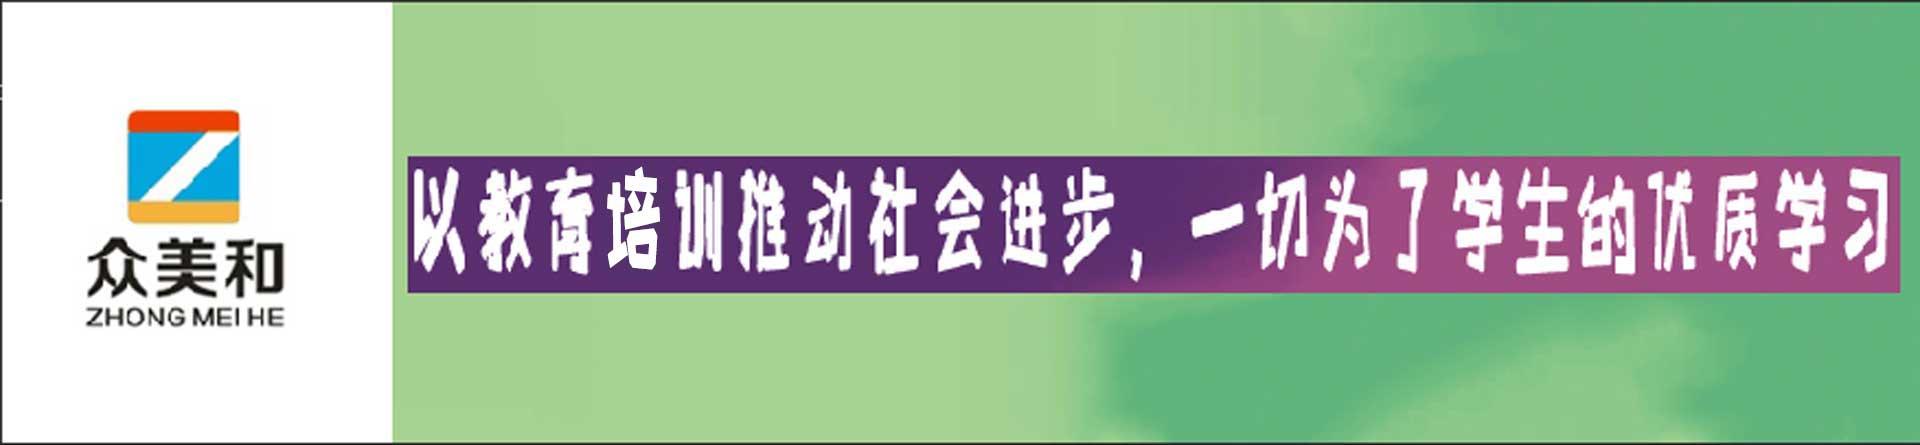 郑州众美和教育